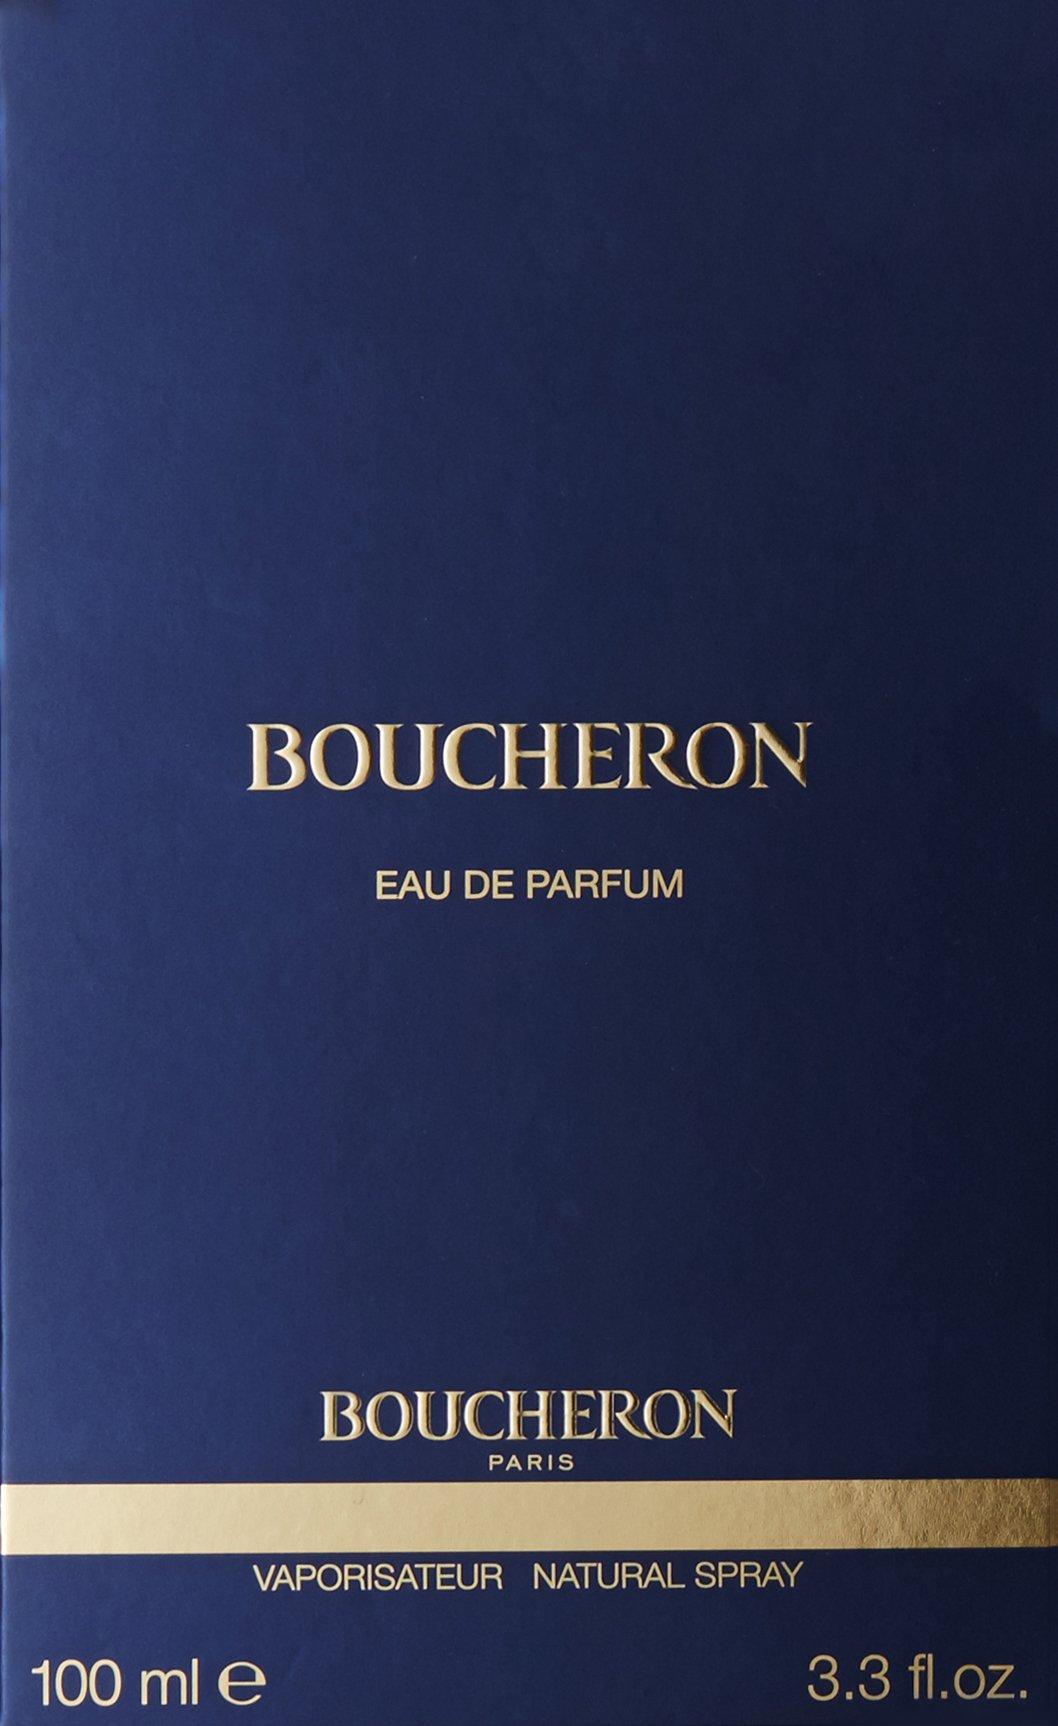 BOUCHERON Pour Femme Eau de Parfum, Floral Oriental, 3.3 fl. oz. by BOUCHERON (Image #4)